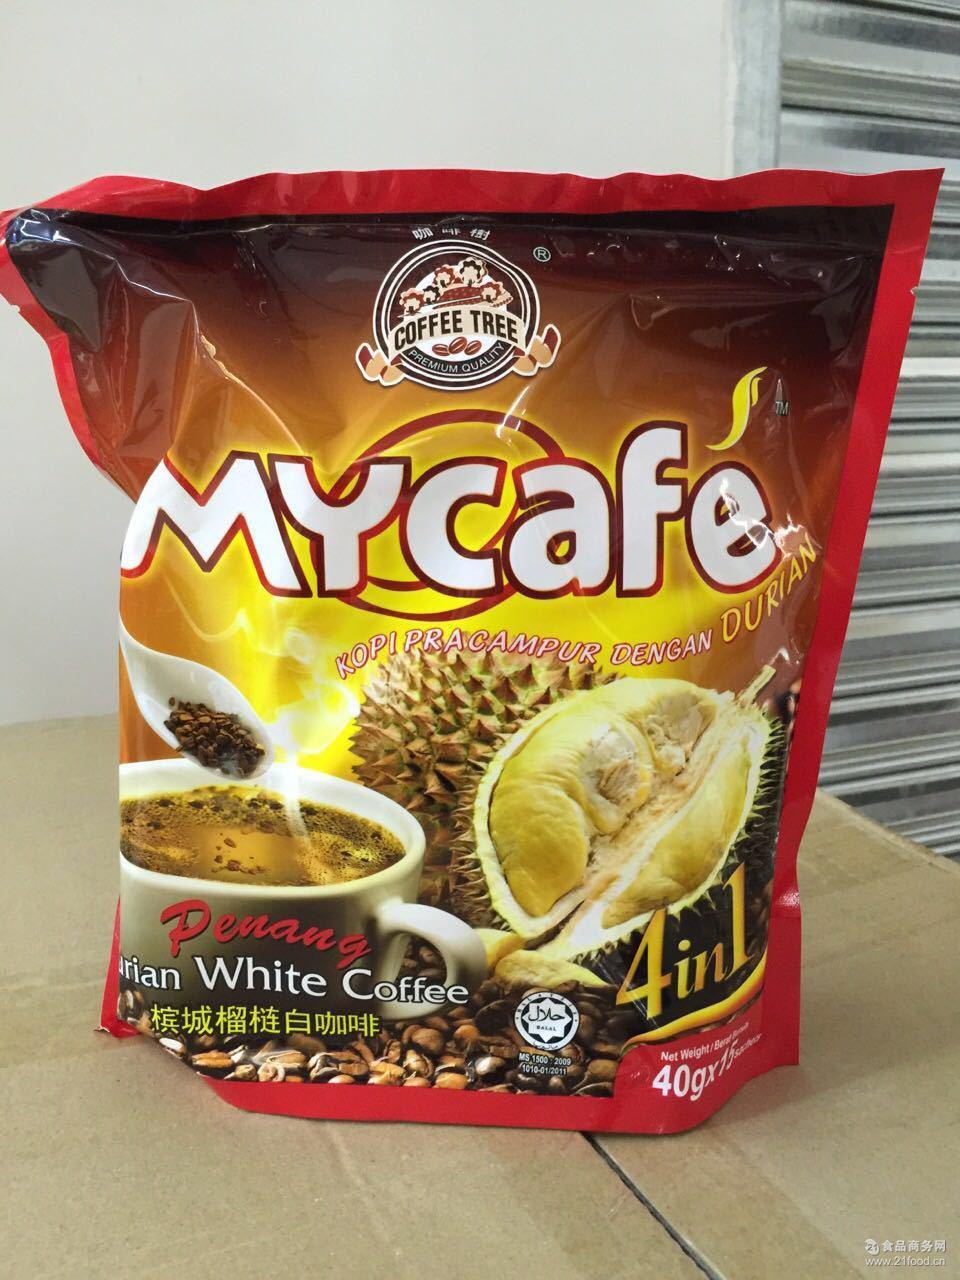 麦可菲mycafe榴莲咖啡600g来西亚进口槟城白咖啡速溶四合一 特价